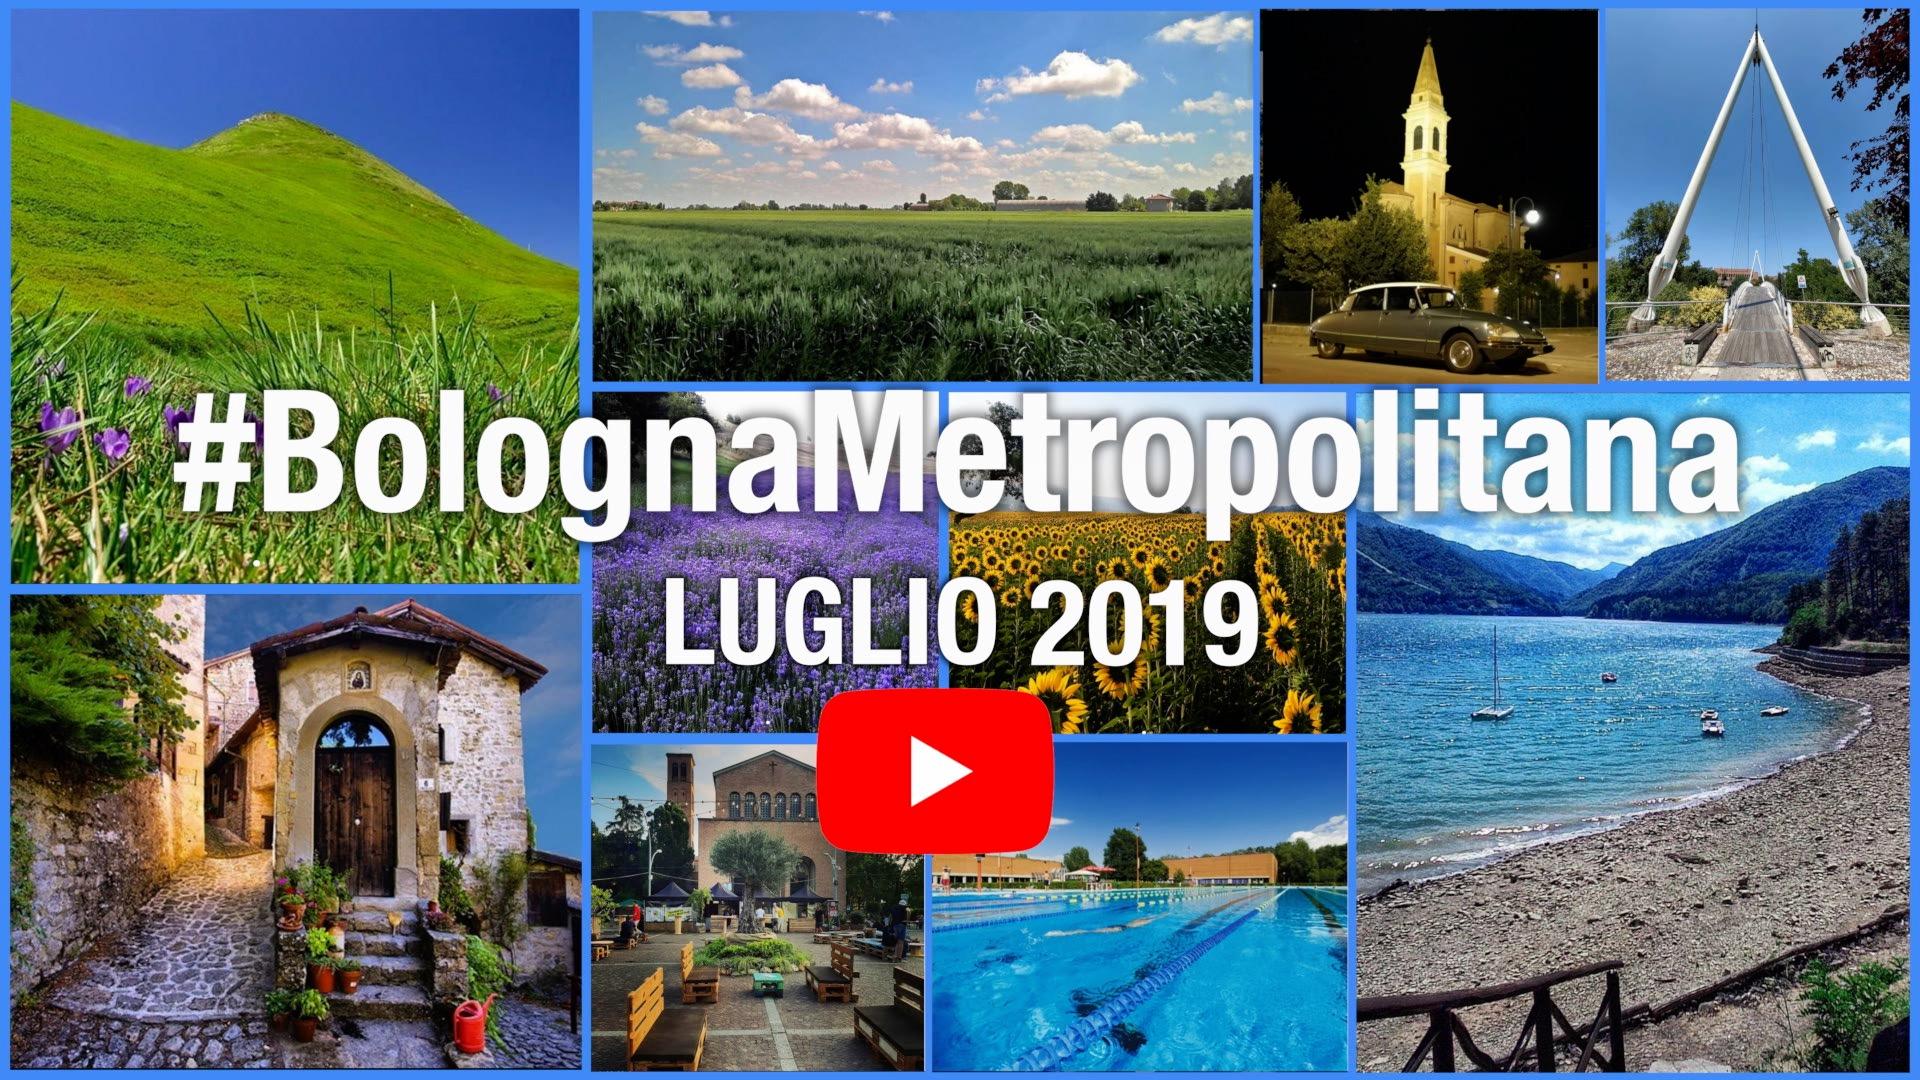 #BolognaMetropolitana - Le immagini più belle di luglio 2019